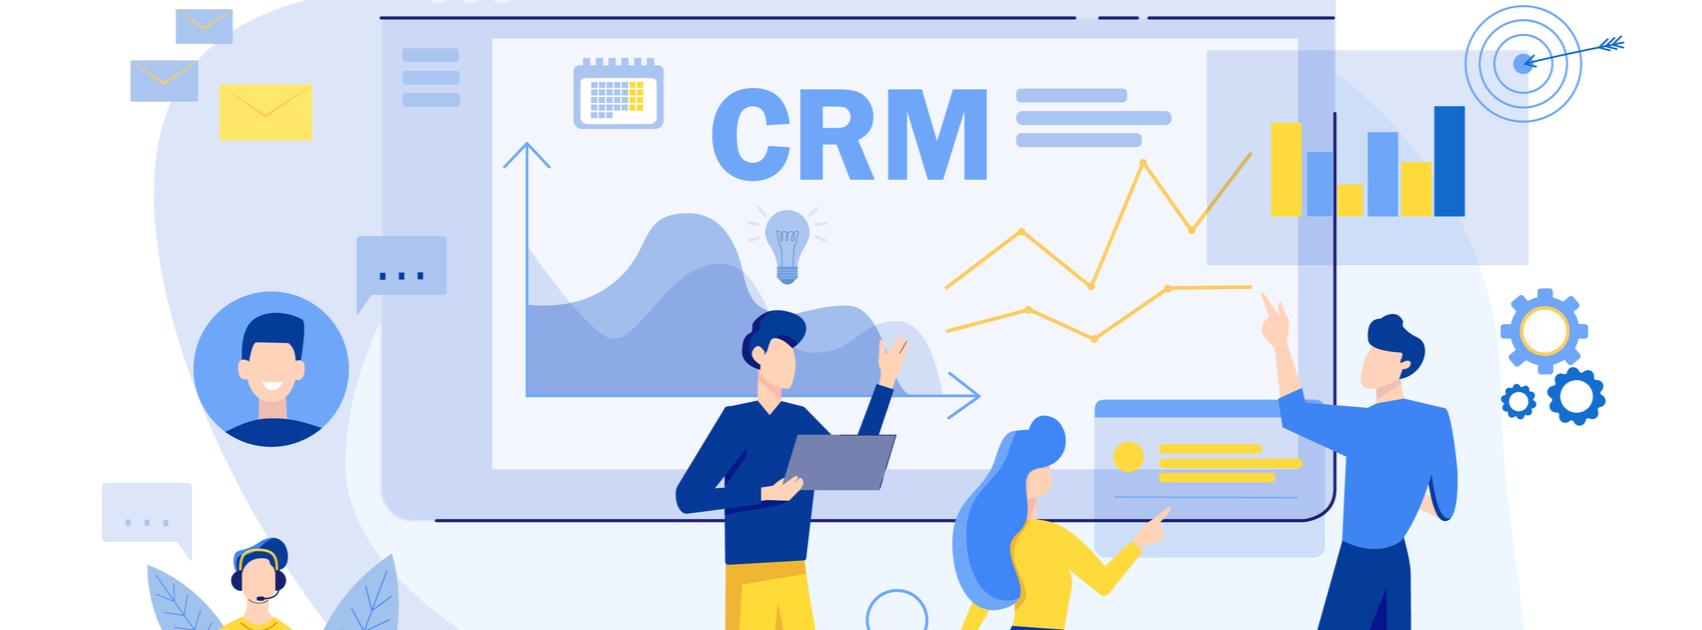 Kako lahko CRM olajša delo od doma?